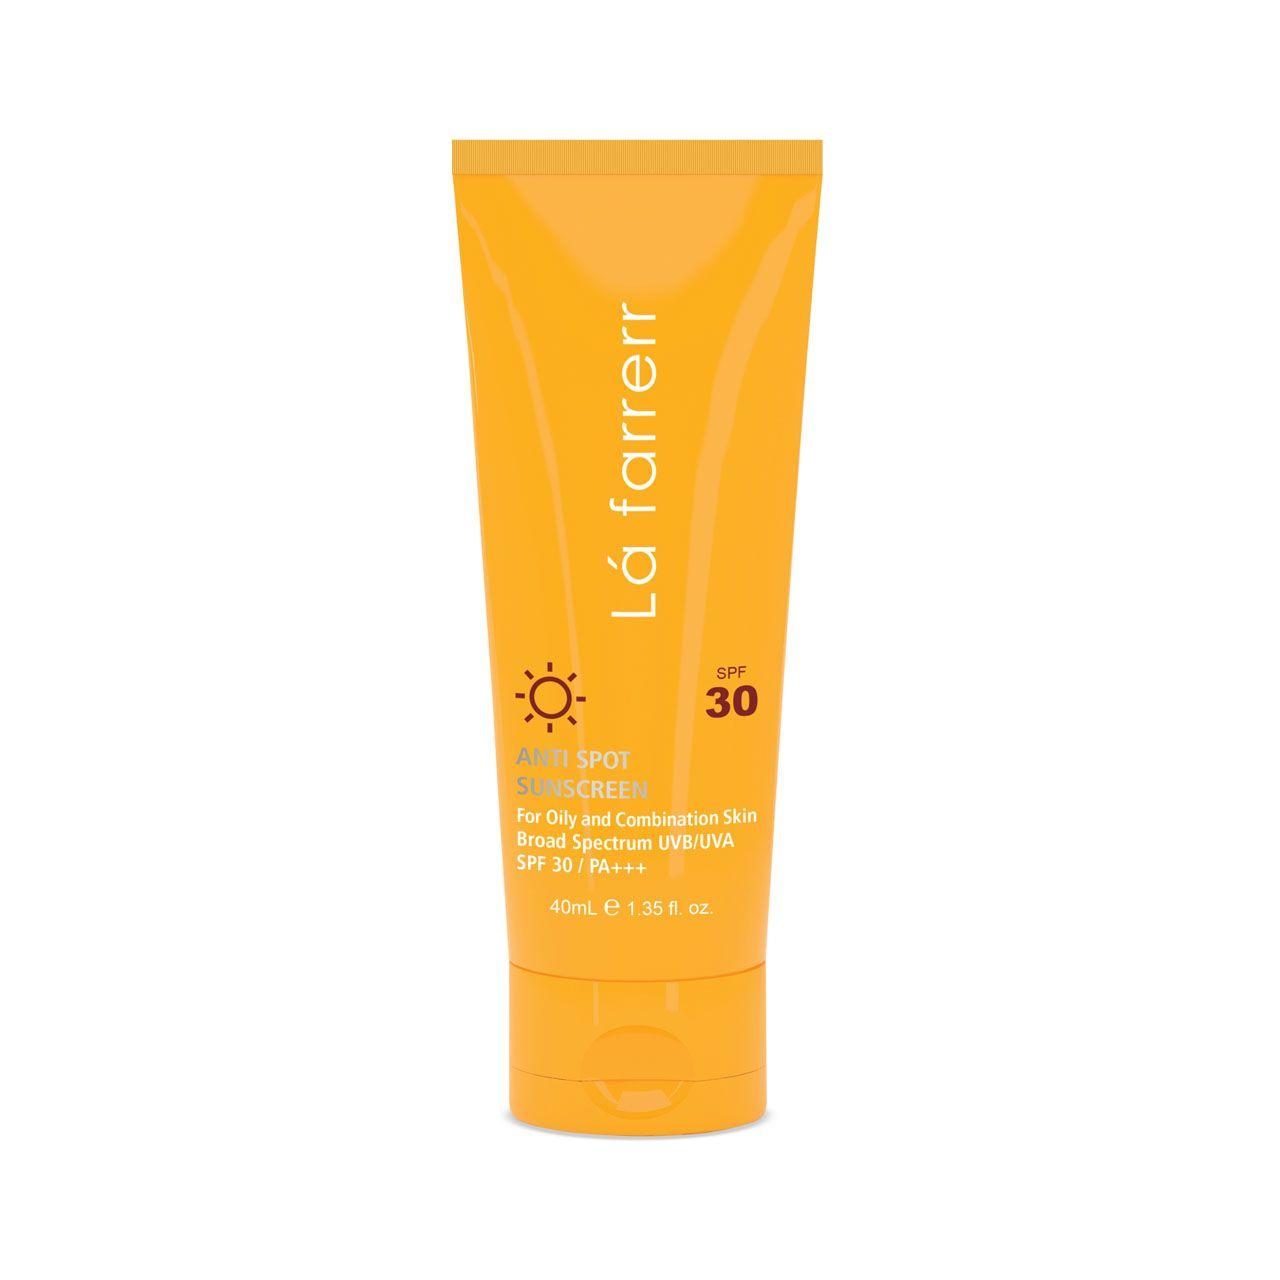 کرم ضد آفتاب و ضد لک لافارر مدل Oily and Acne-Prone SPF30 حجم 40 میلی لیتر -  - 2